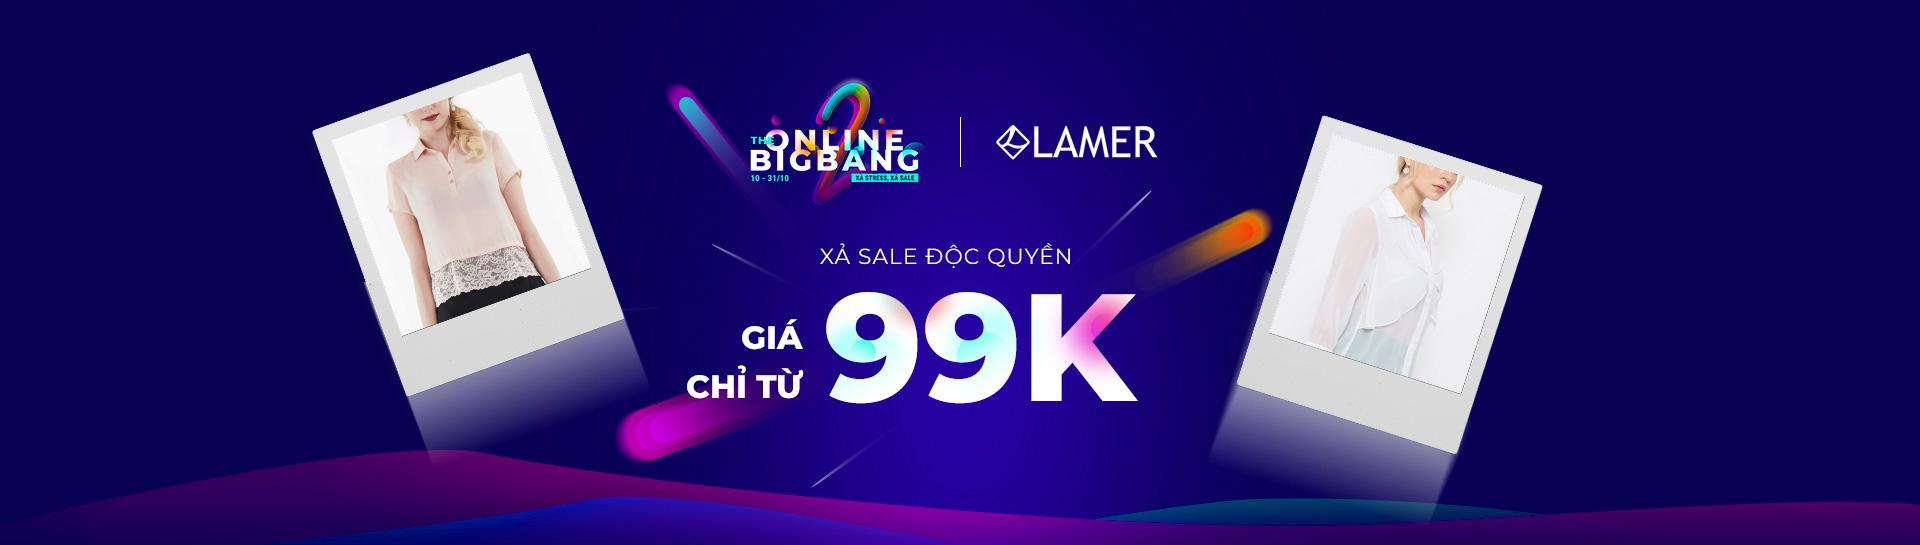 LAMER - Sale 50%++ (Từ 99K)